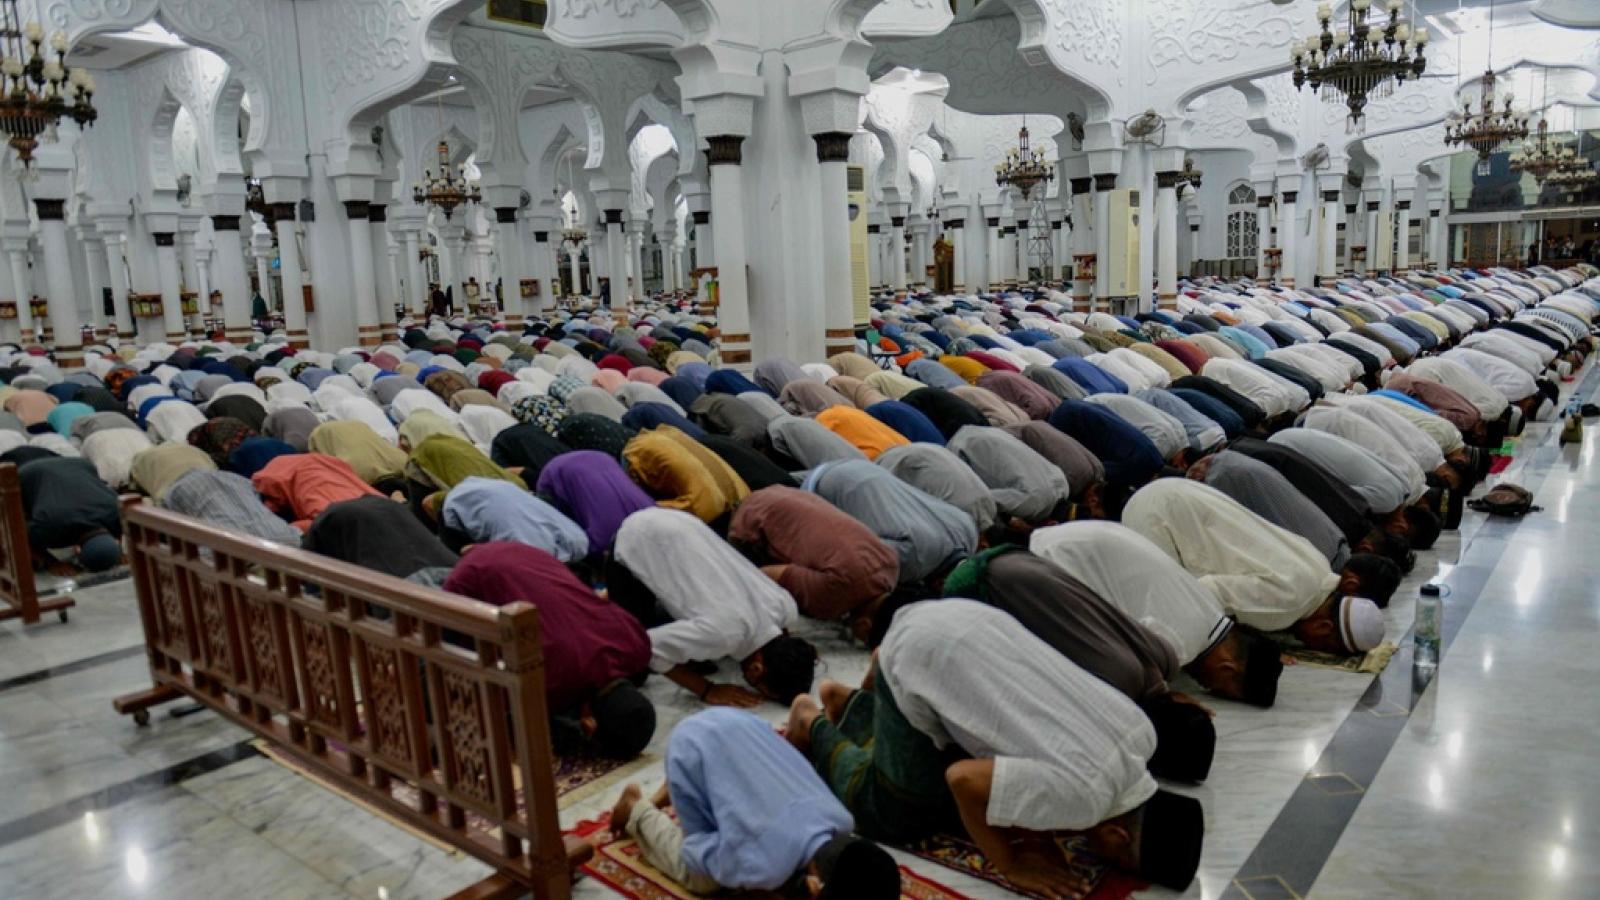 Ma-Rốc mở lại hoạt động cầu nguyện vào thứ Sáu tại các nhà thờ Hồi giáo